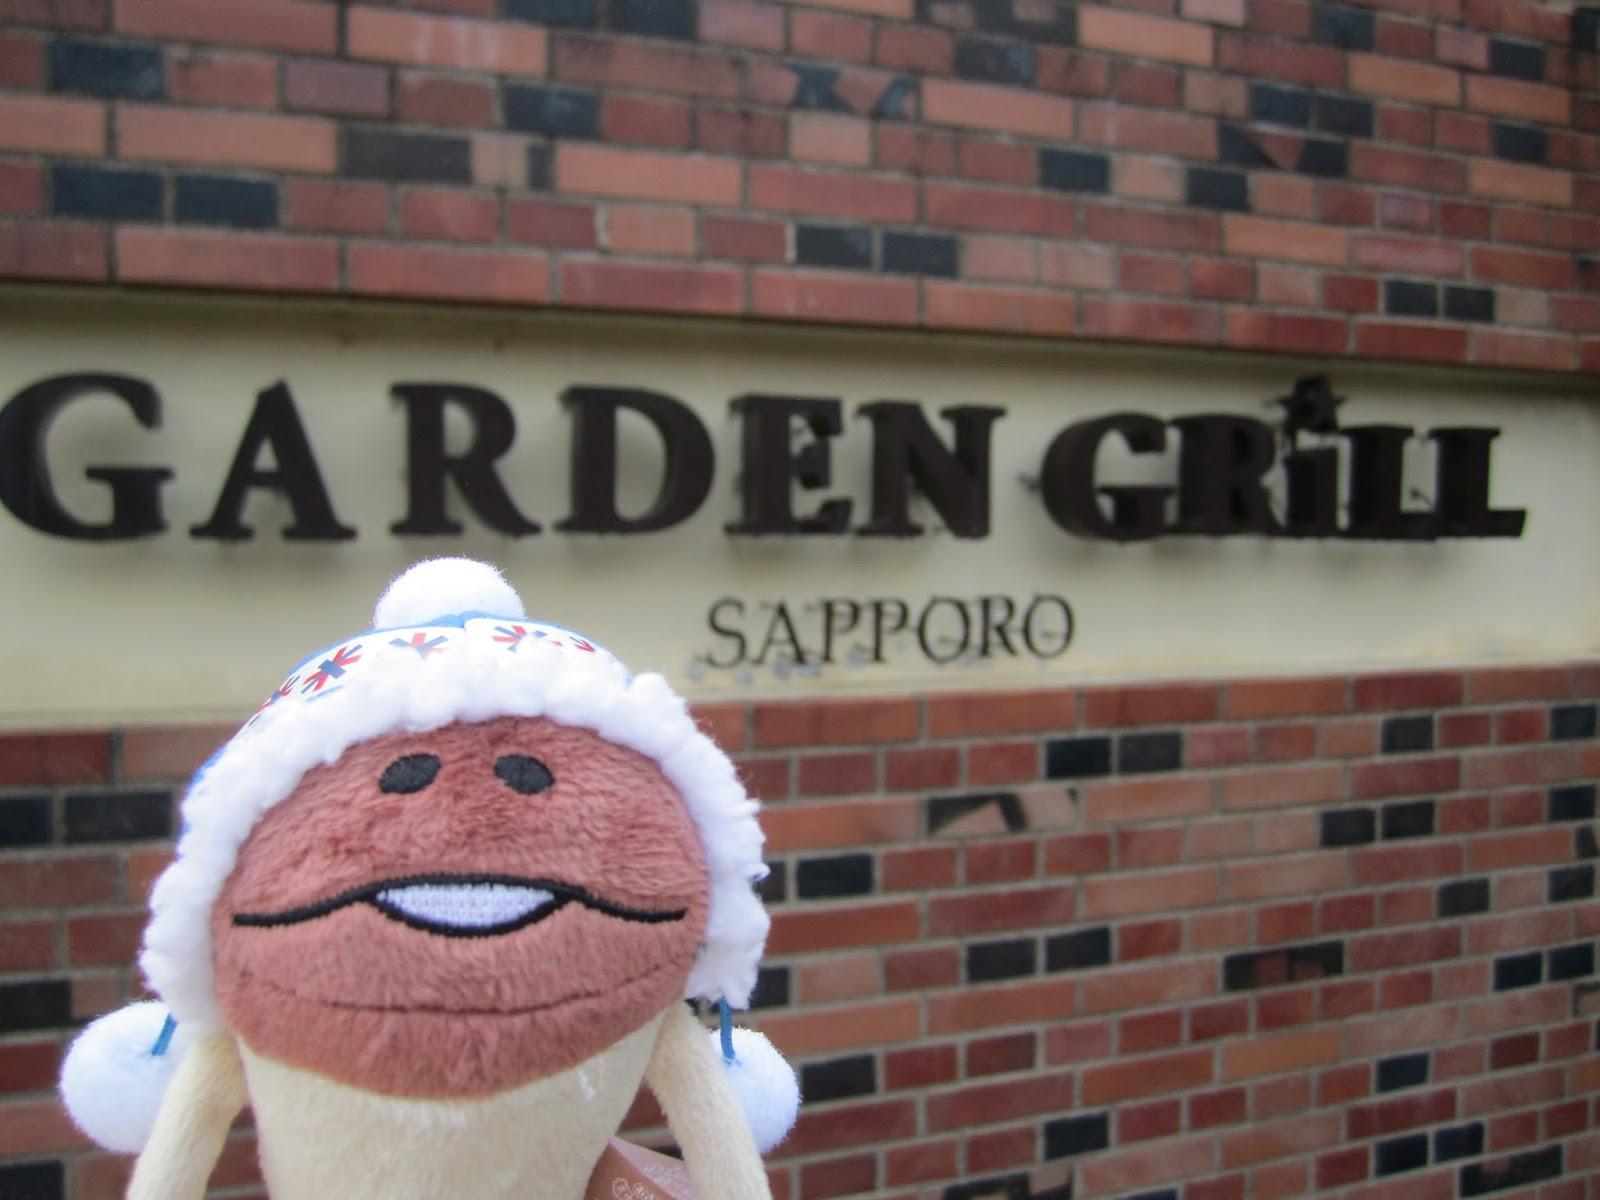 Garden Grill Sapporo